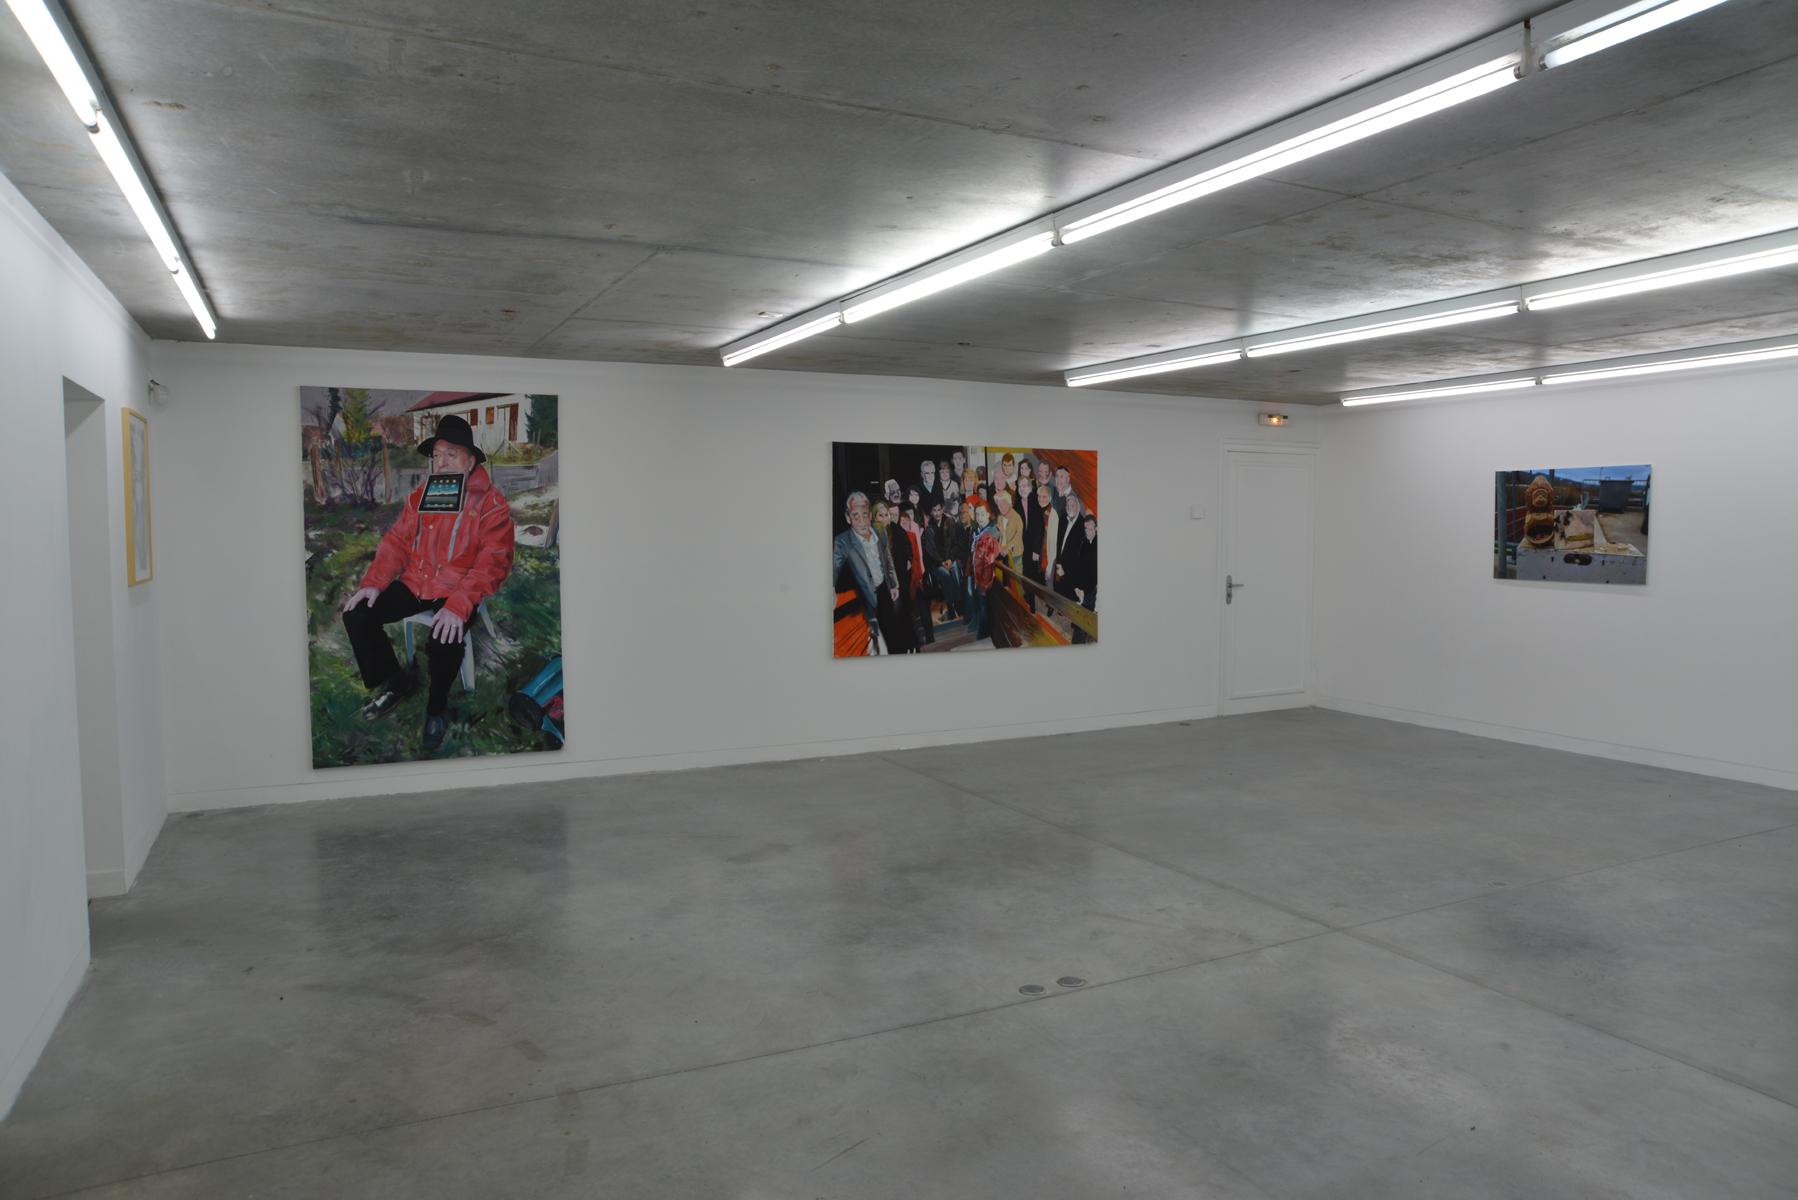 Jean-Xavier Renaud, Politiques locales, 2014